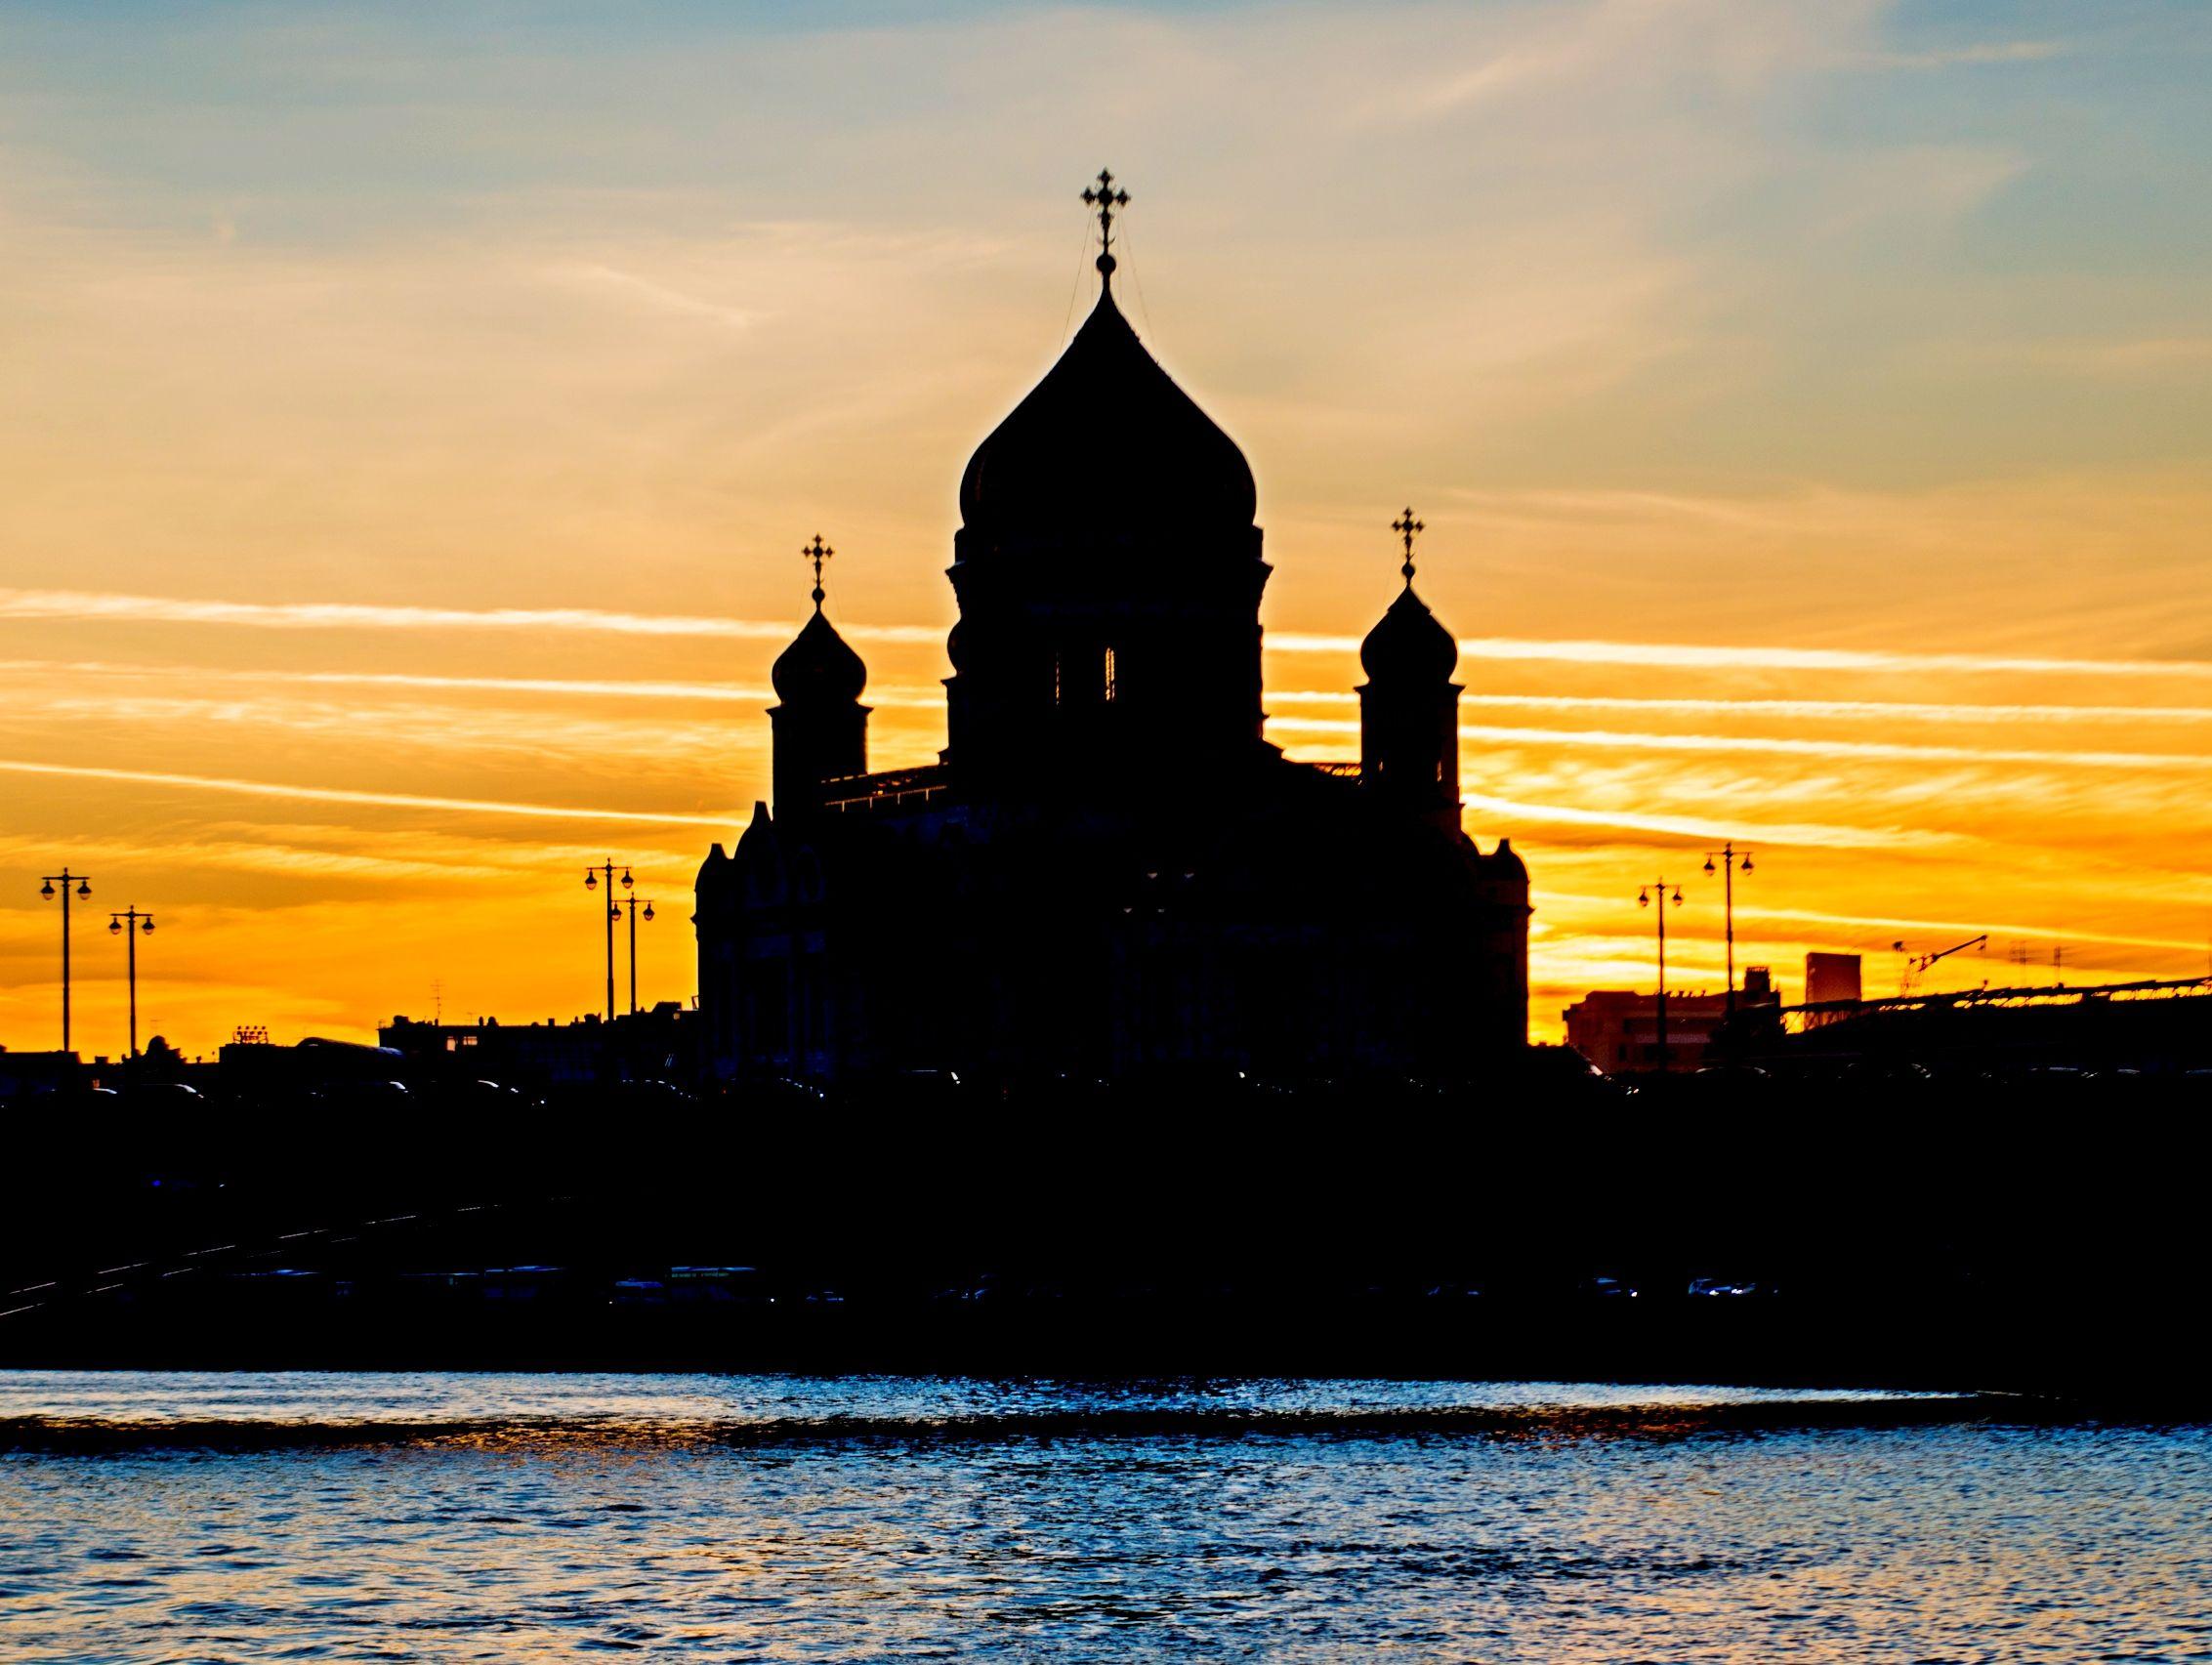 Московские синоптики насчитали 72 солнечных часа за всю зиму